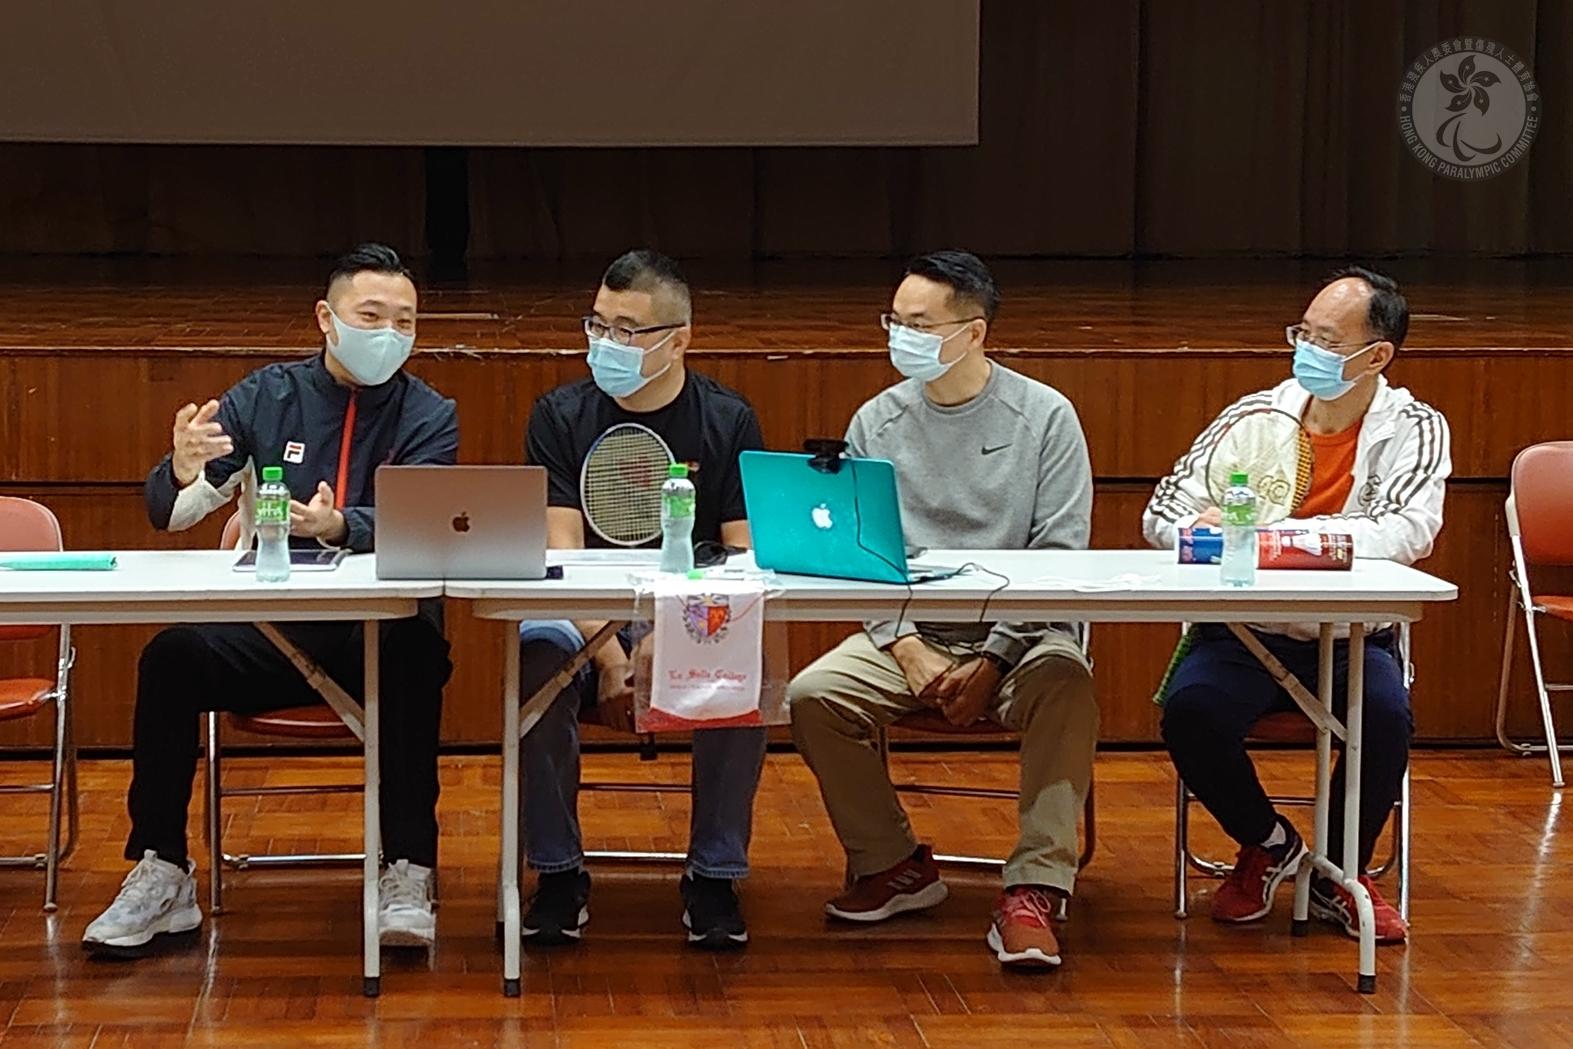 殘疾人羽毛球手陳浩源出席喇沙書院家長教師會分享活動